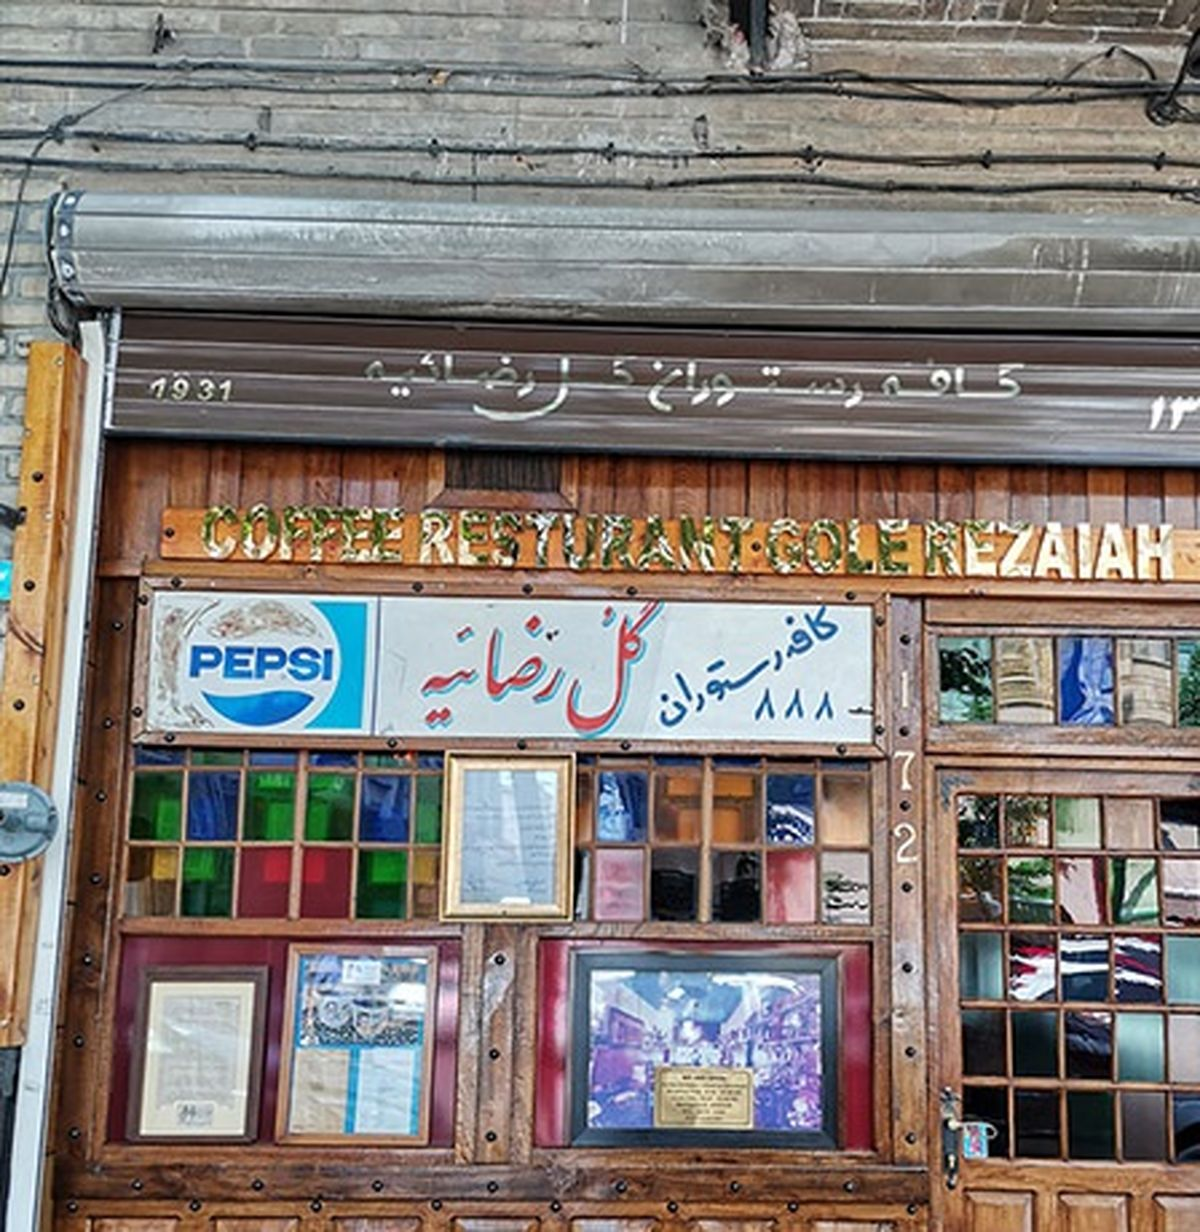 کافه گل رضاییه؛ پاتوق صادق هدایت و فروغ فرخزاد+تصاویر